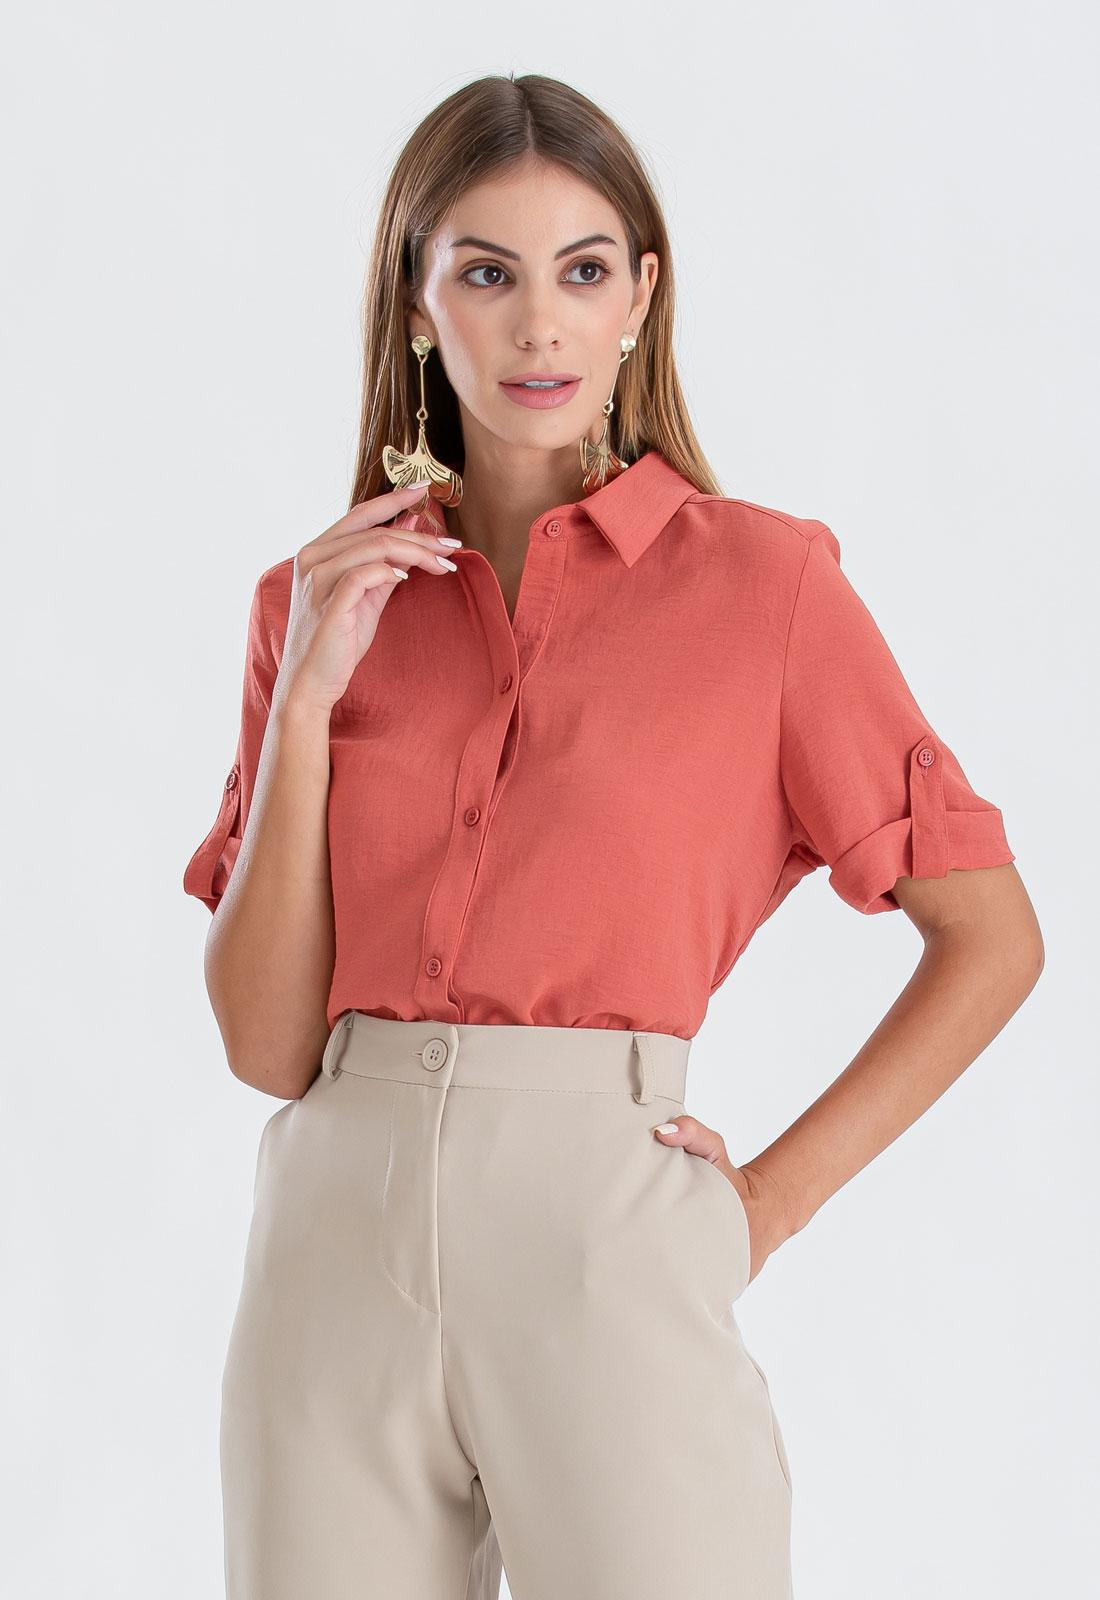 Camisa feminina terracota manga curta ref. 2650